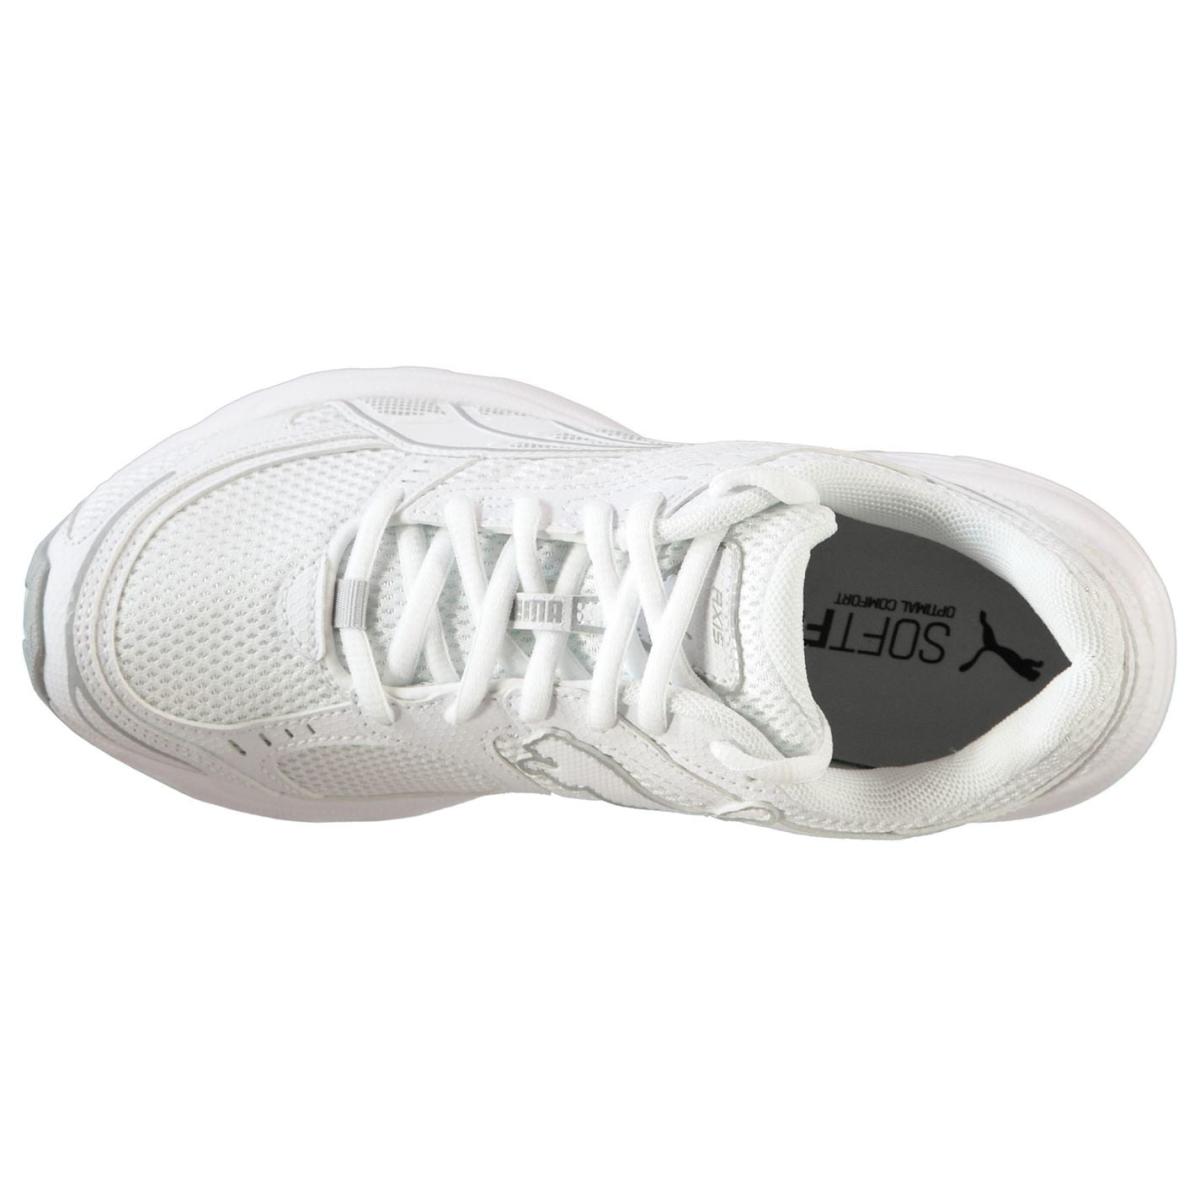 Puma-Axis-Laufschuhe-Turnschuhe-Damen-Sportschuhe-Sneaker-1506 Indexbild 8